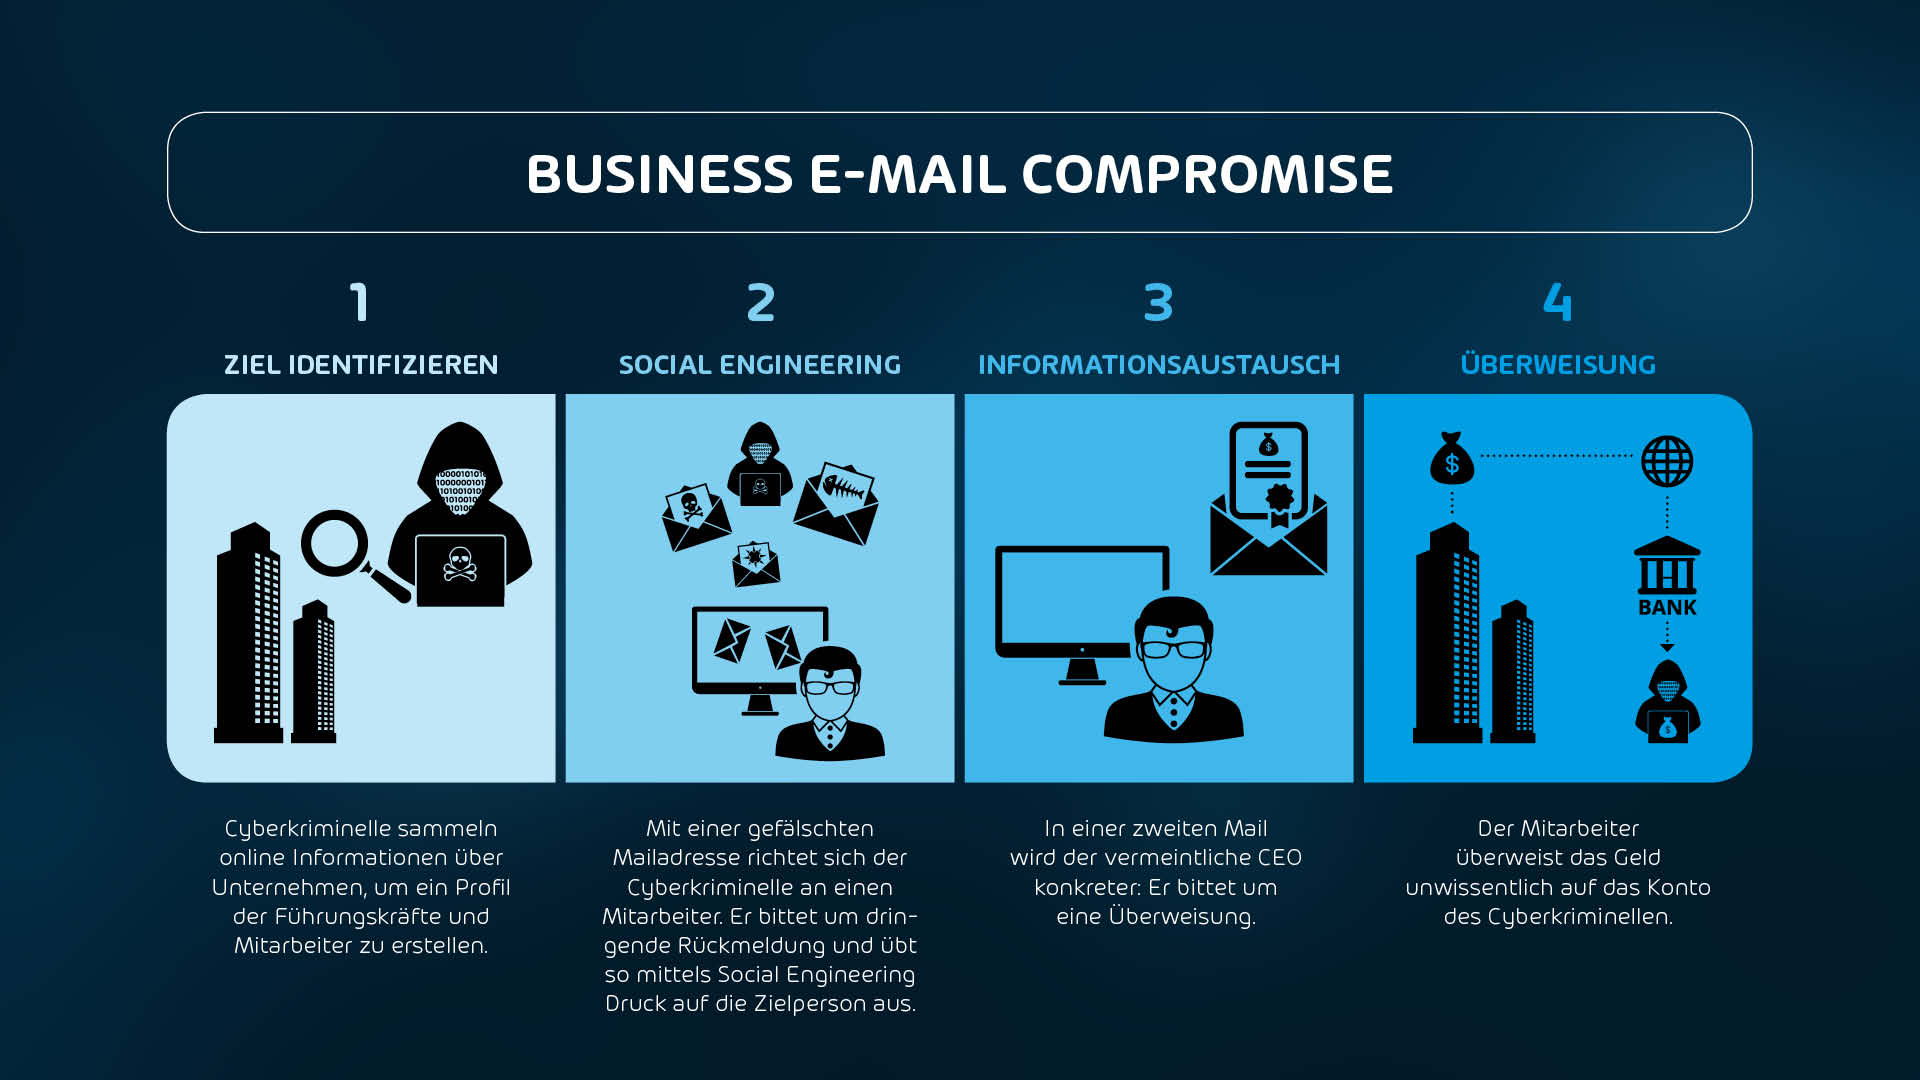 Business E-Mail Compromise einfach erklärt